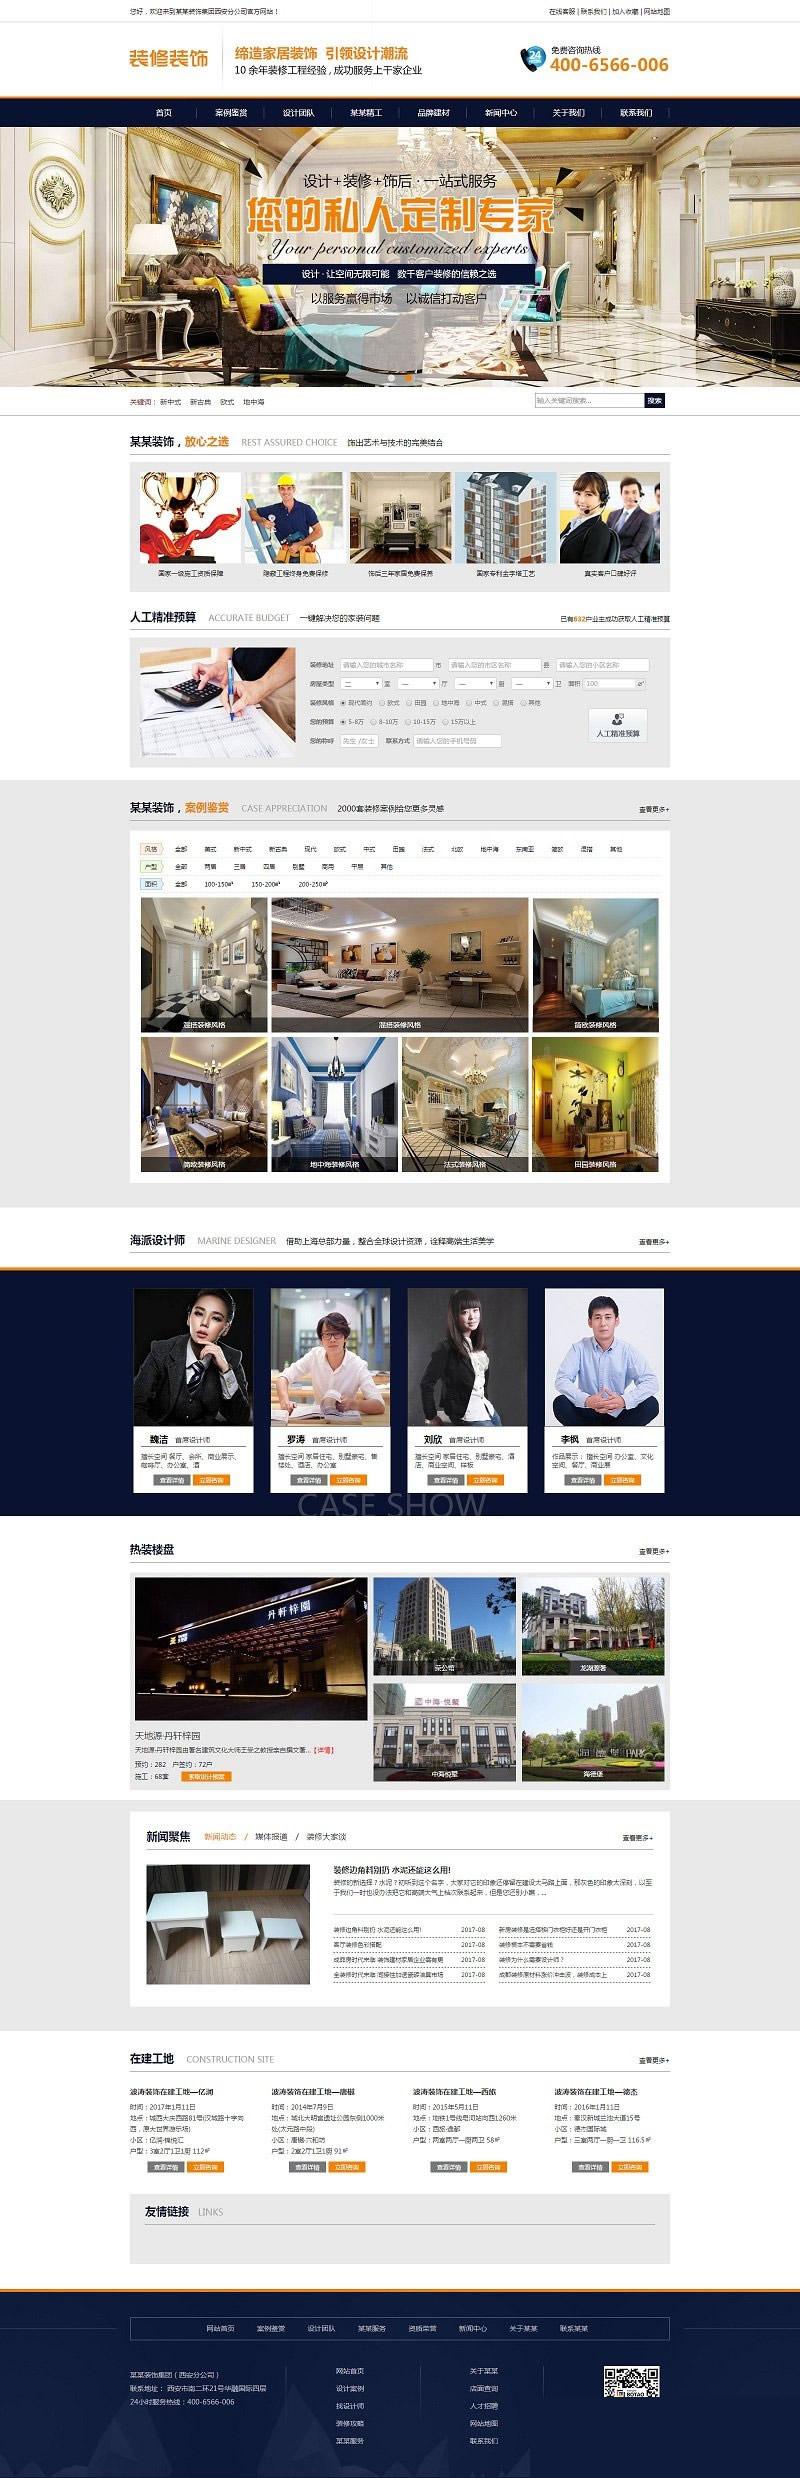 居家装修装饰工程装修企业网站源码织梦cmsdedecms模板源代码插图